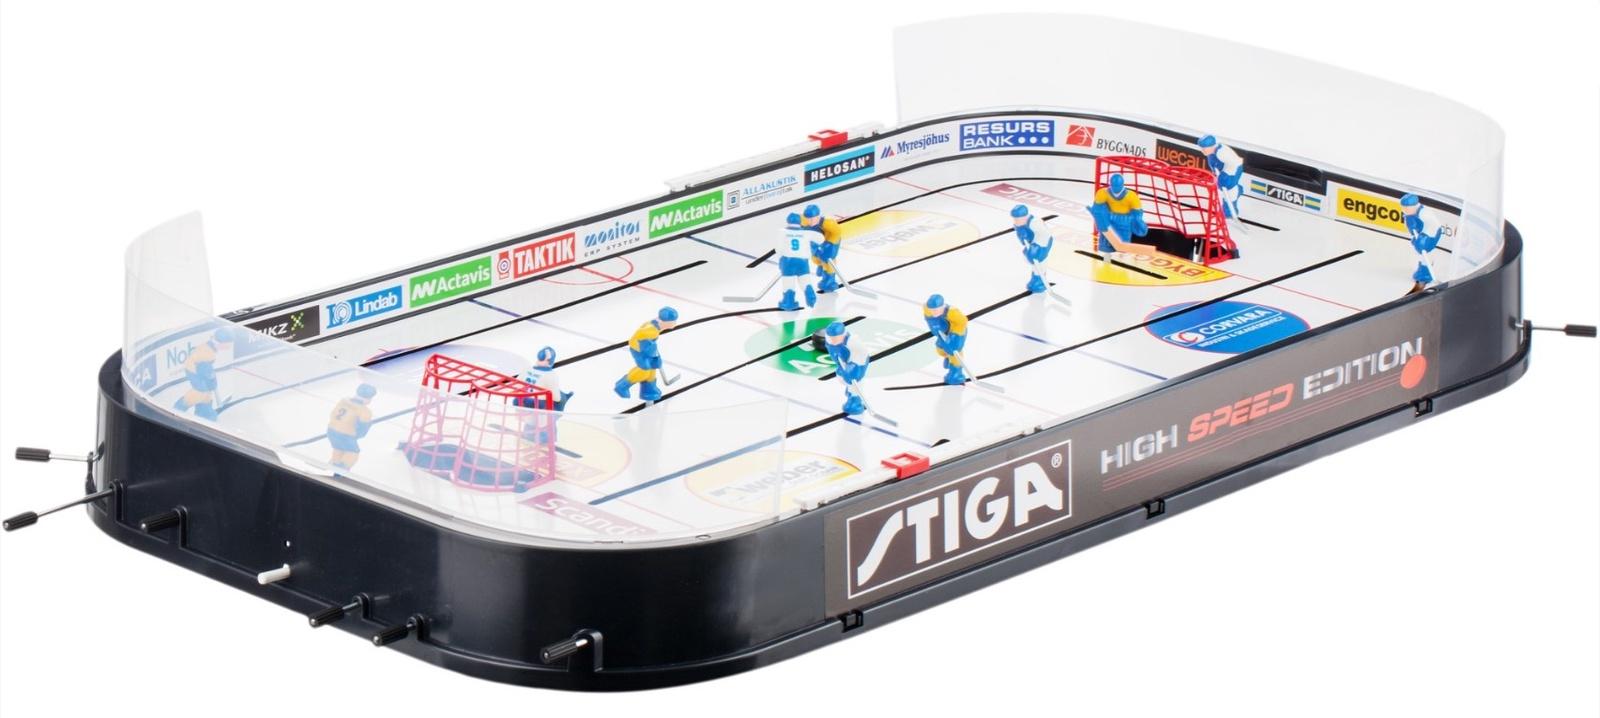 Спортивная настольная игра Stiga Хоккей High Speed - Стига Высокая Скорость настольная игра abtoys футбол s 00092 wa c8044 50 5 х 29 х 9 см